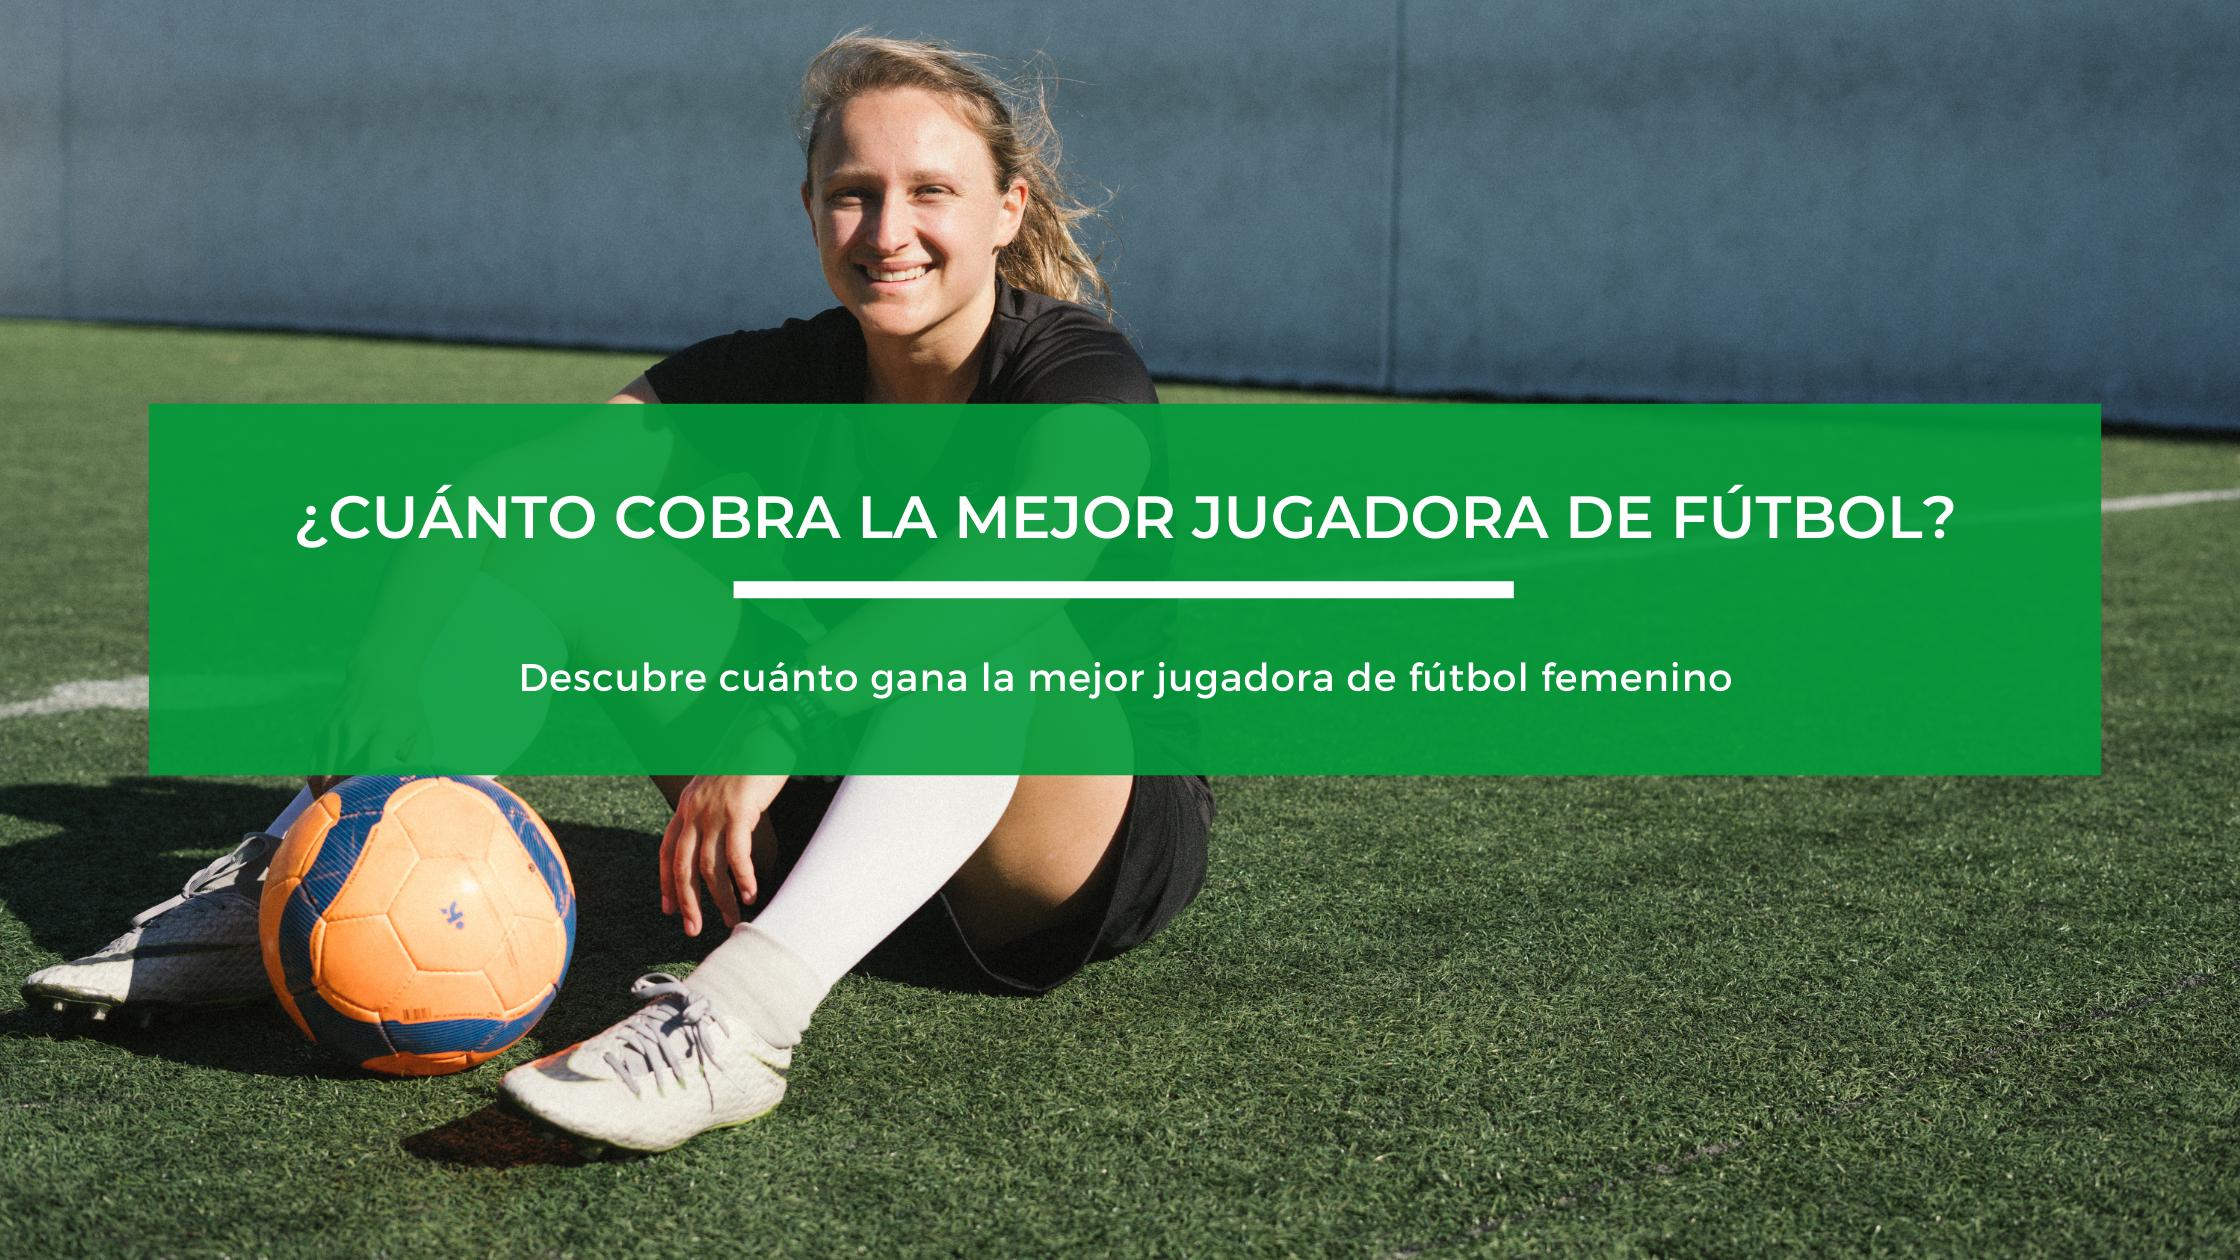 Descubre cuánto gana la mejor jugadora de fútbol femenino